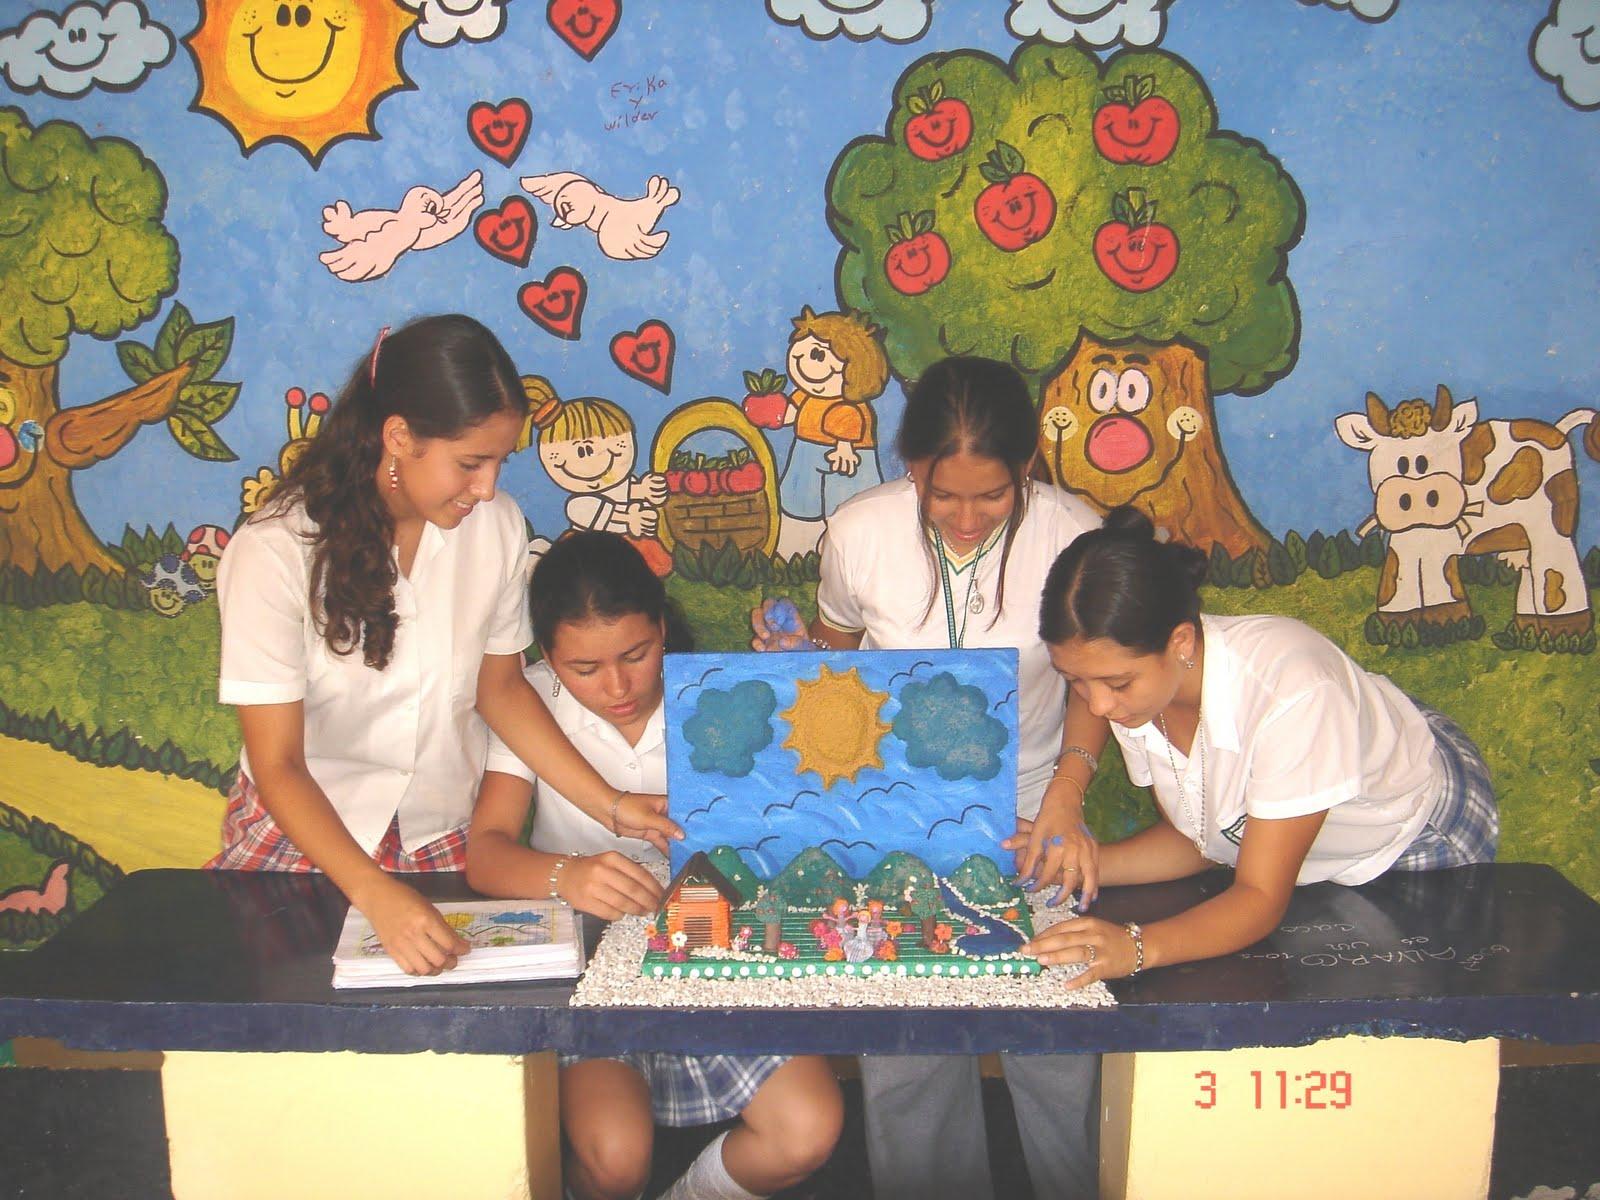 estudiantes del grado decimo interactuando en el dibujo del paisaje